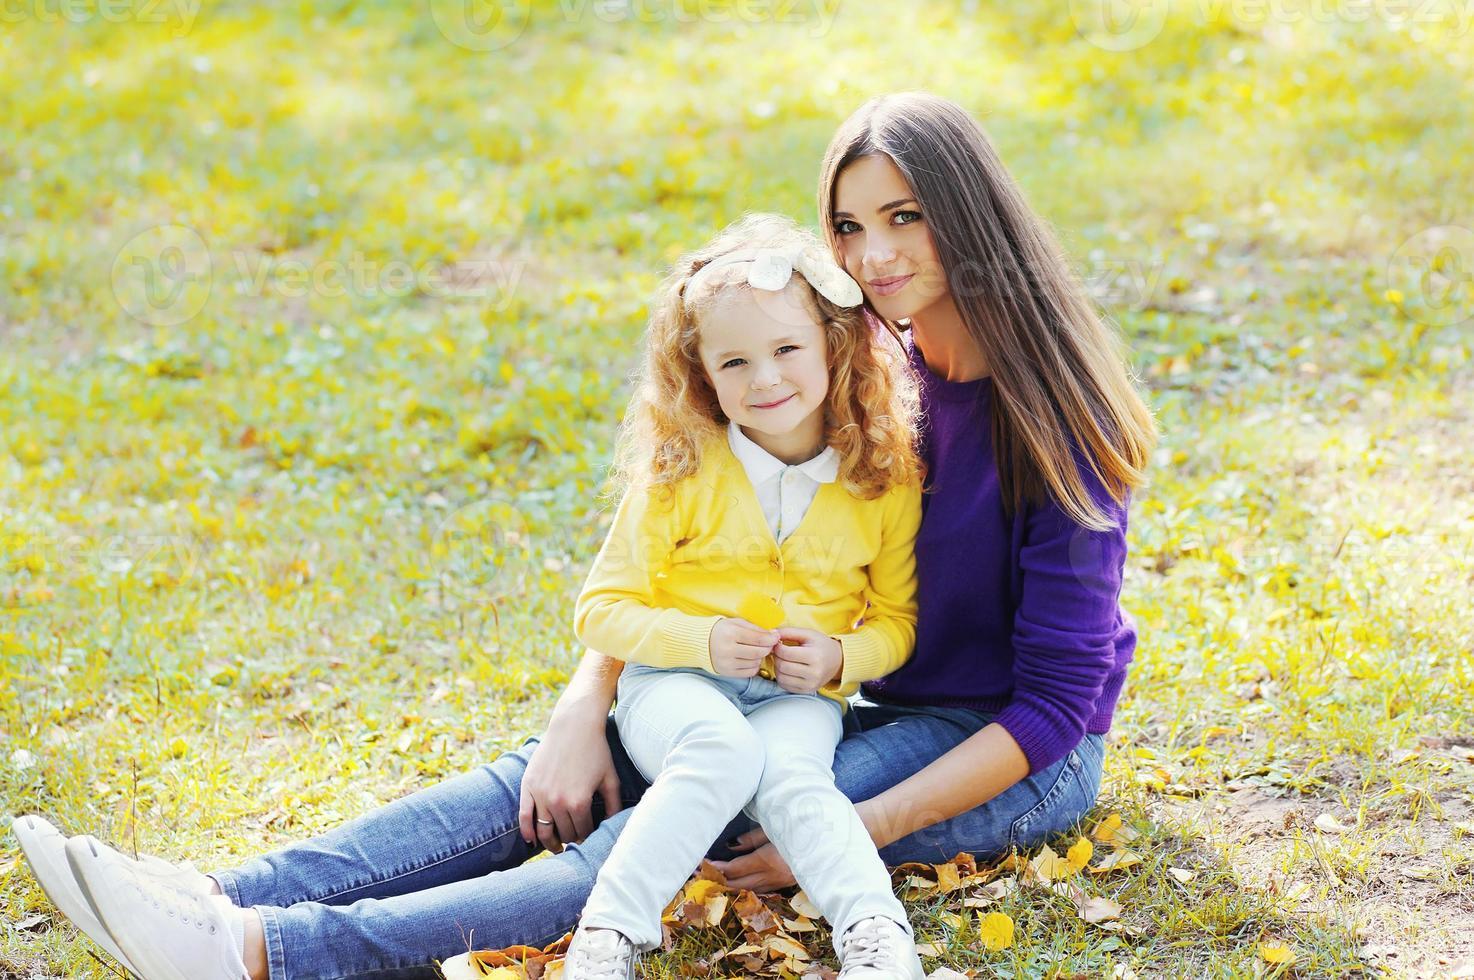 famiglia felice in autunno parco, madre con figlio insieme foto